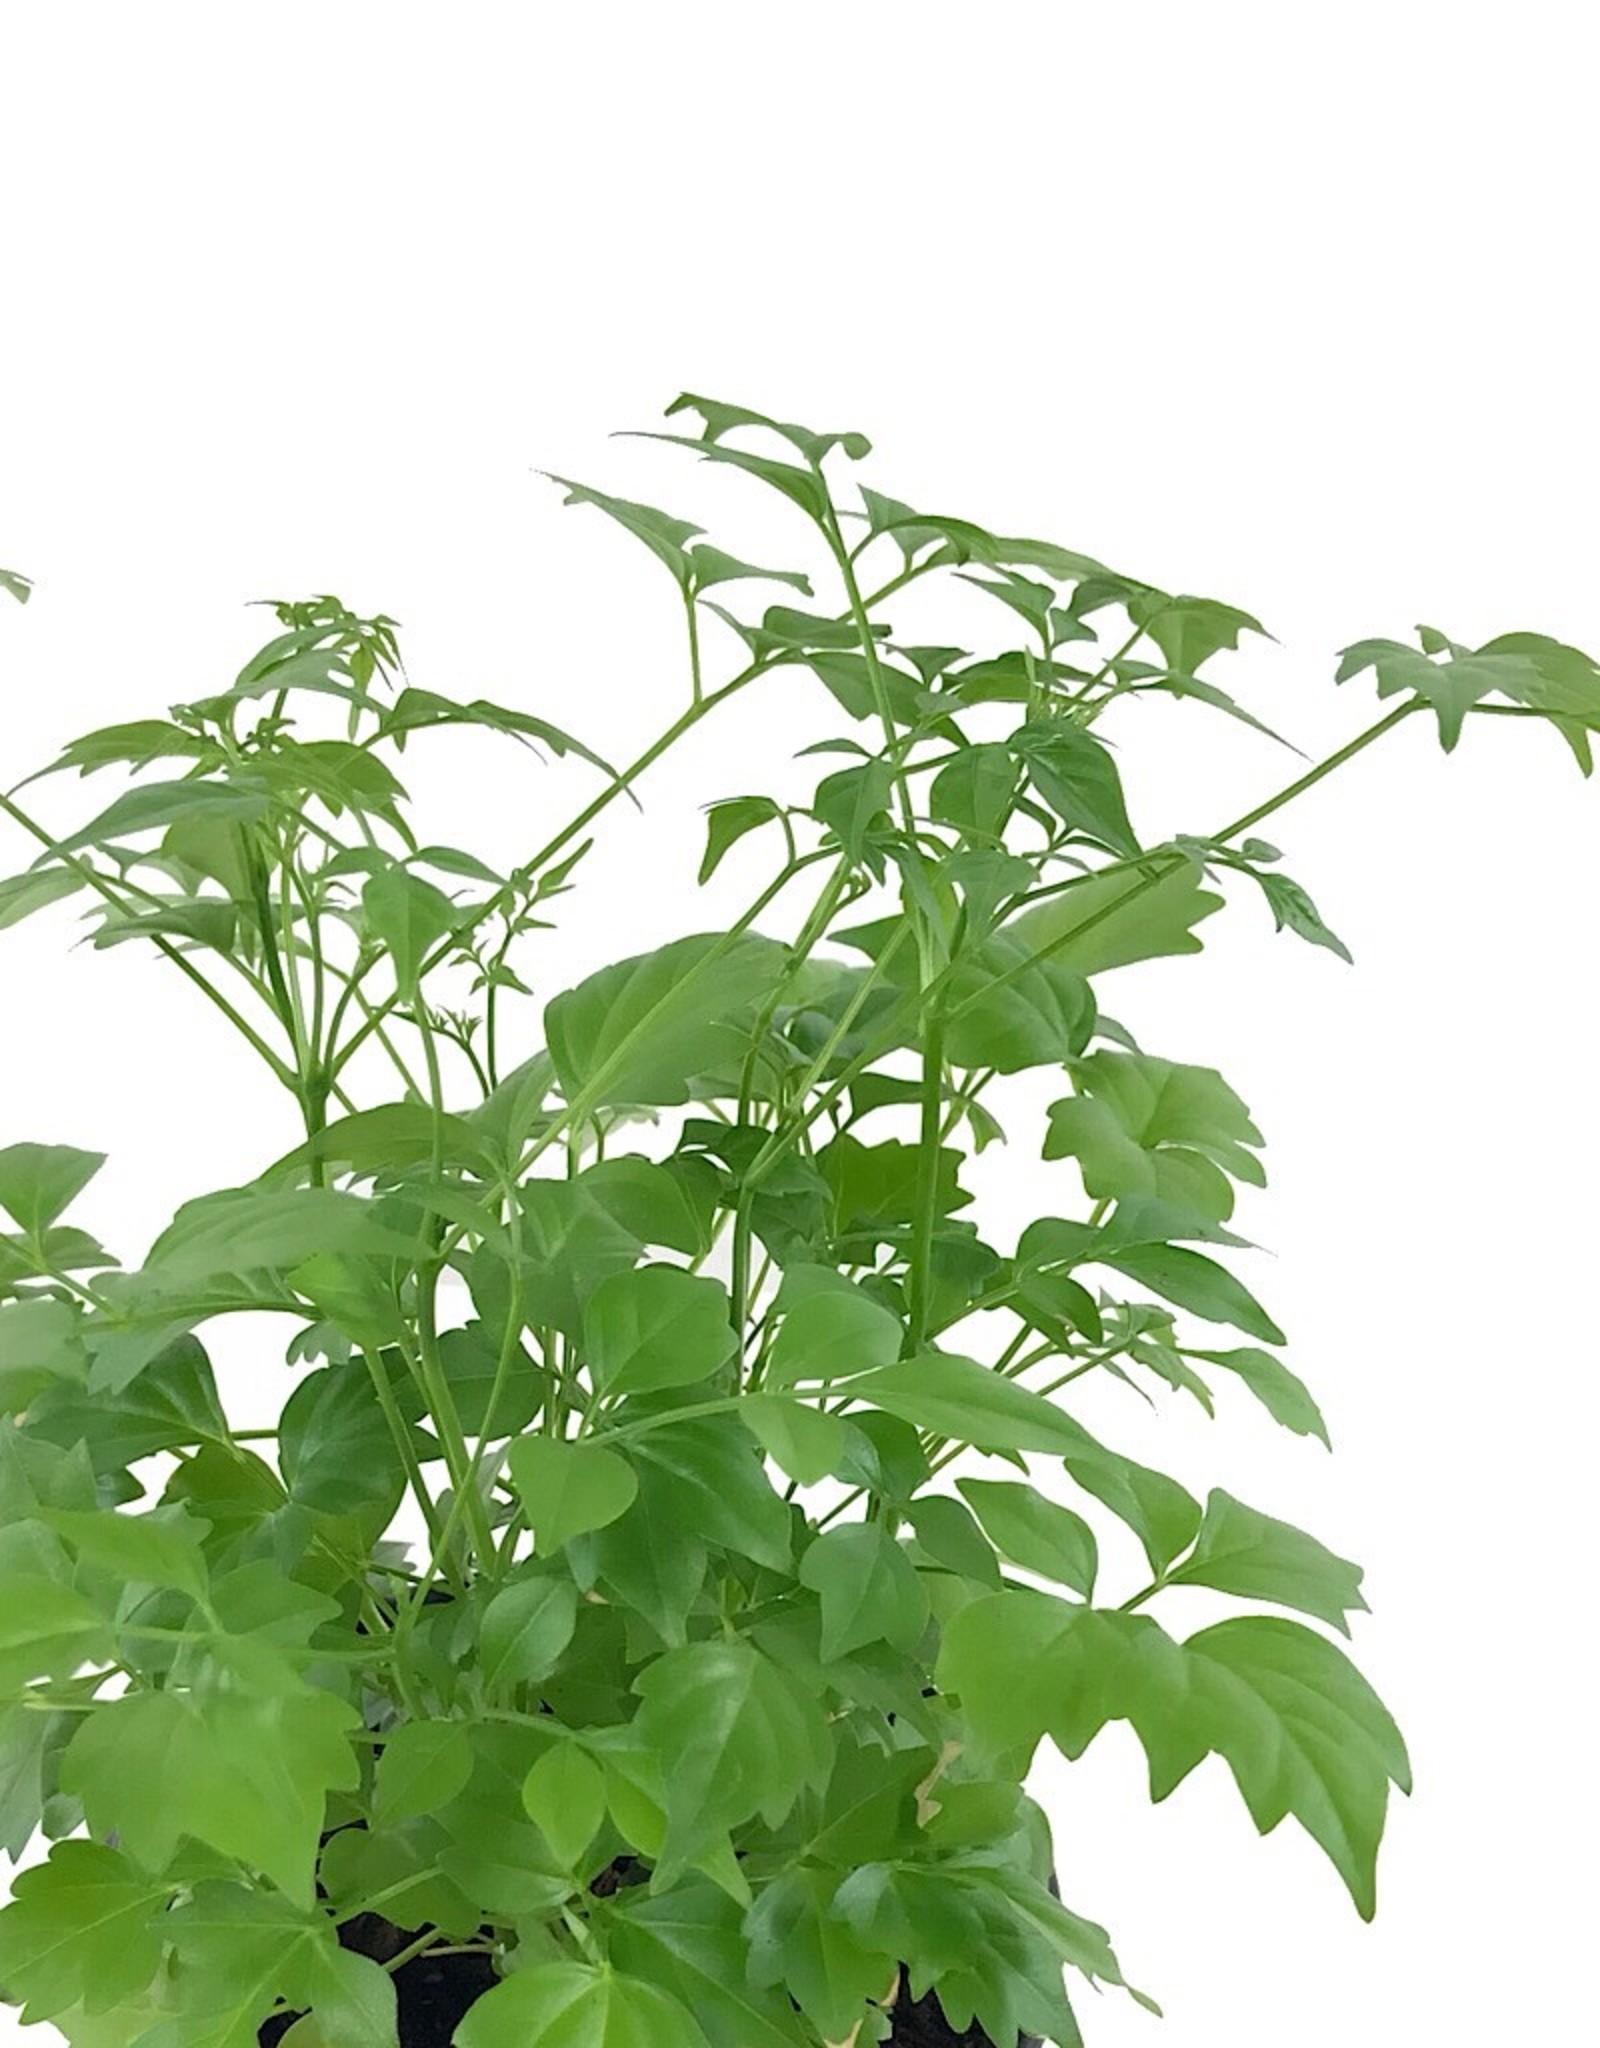 Radermachera sinica 4 Inch